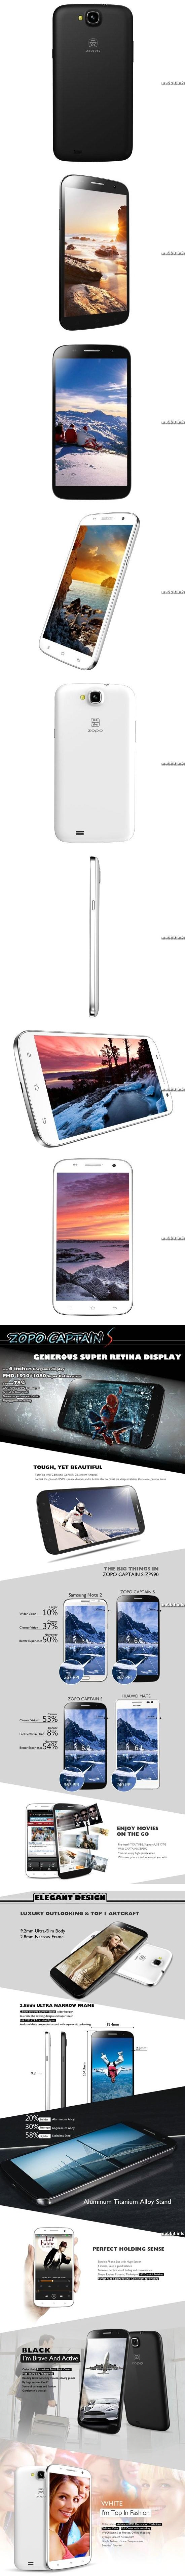 Zopo ZP990 Captain S